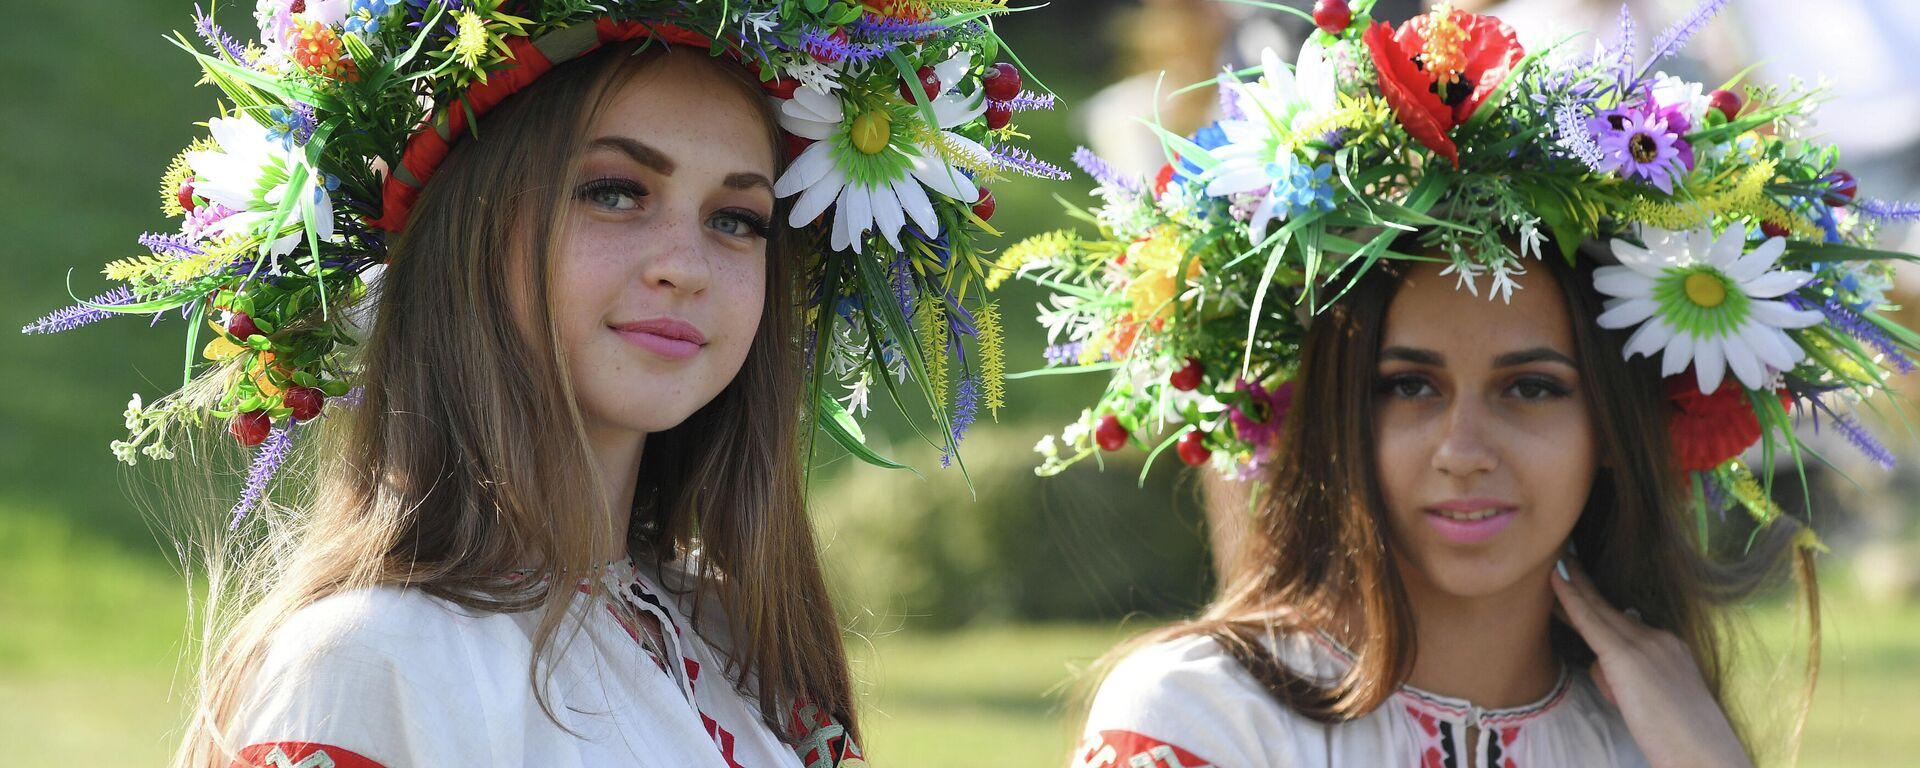 Unas chicas ucranianas (imagen referencial) - Sputnik Mundo, 1920, 01.07.2021